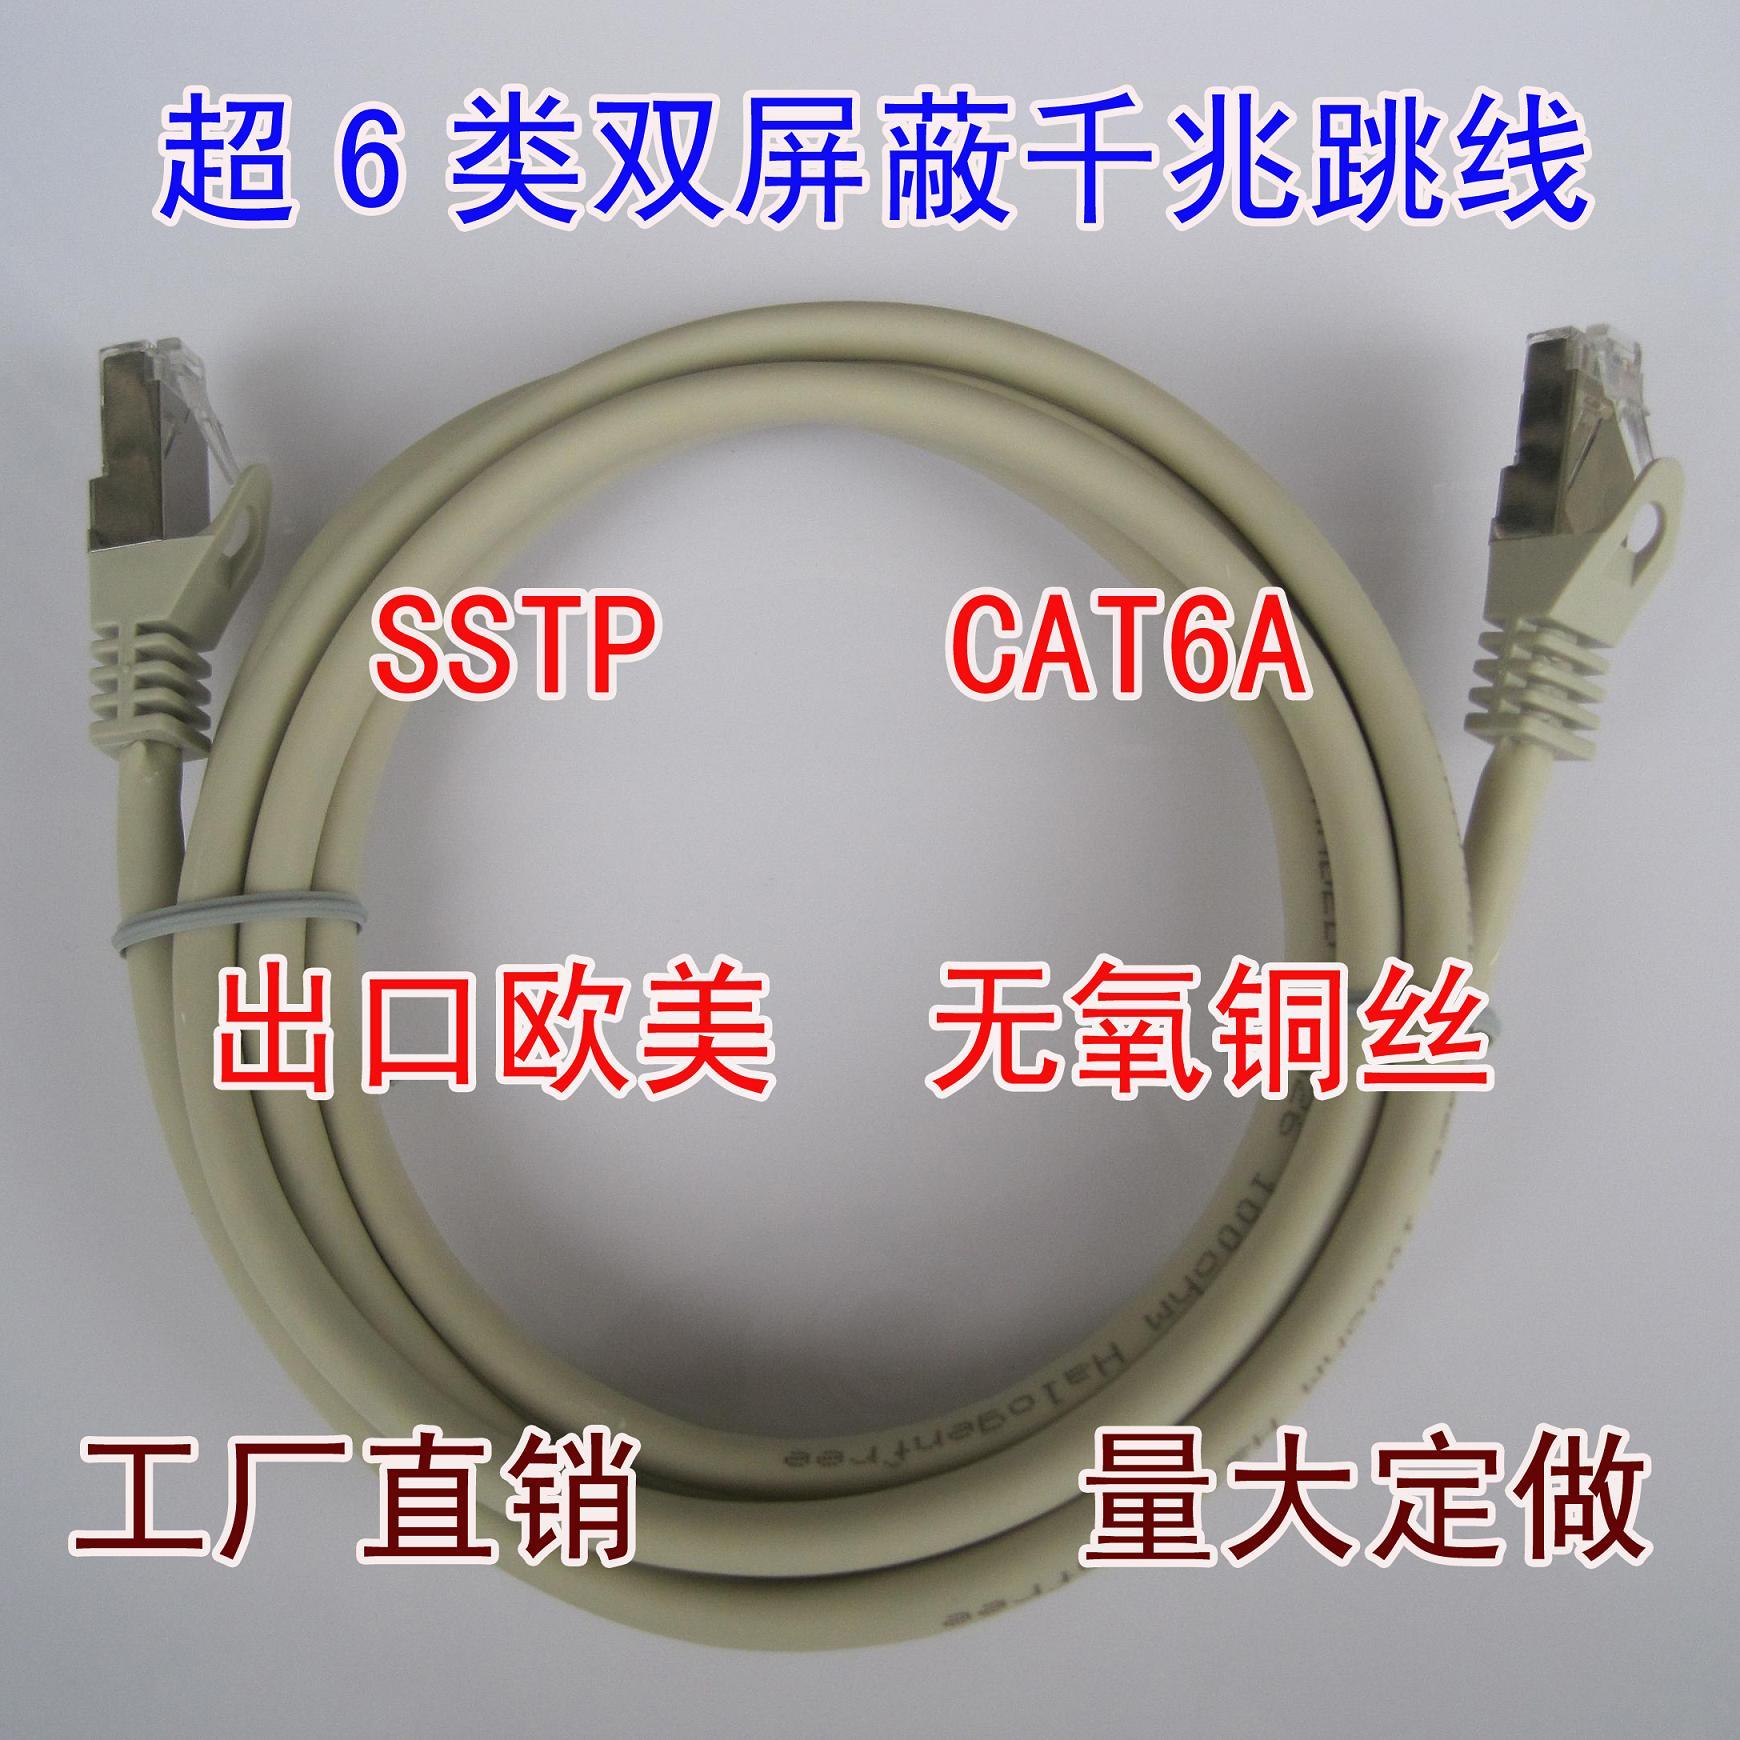 (用1元券)过测试无氧铜sstp cat6a千兆网线